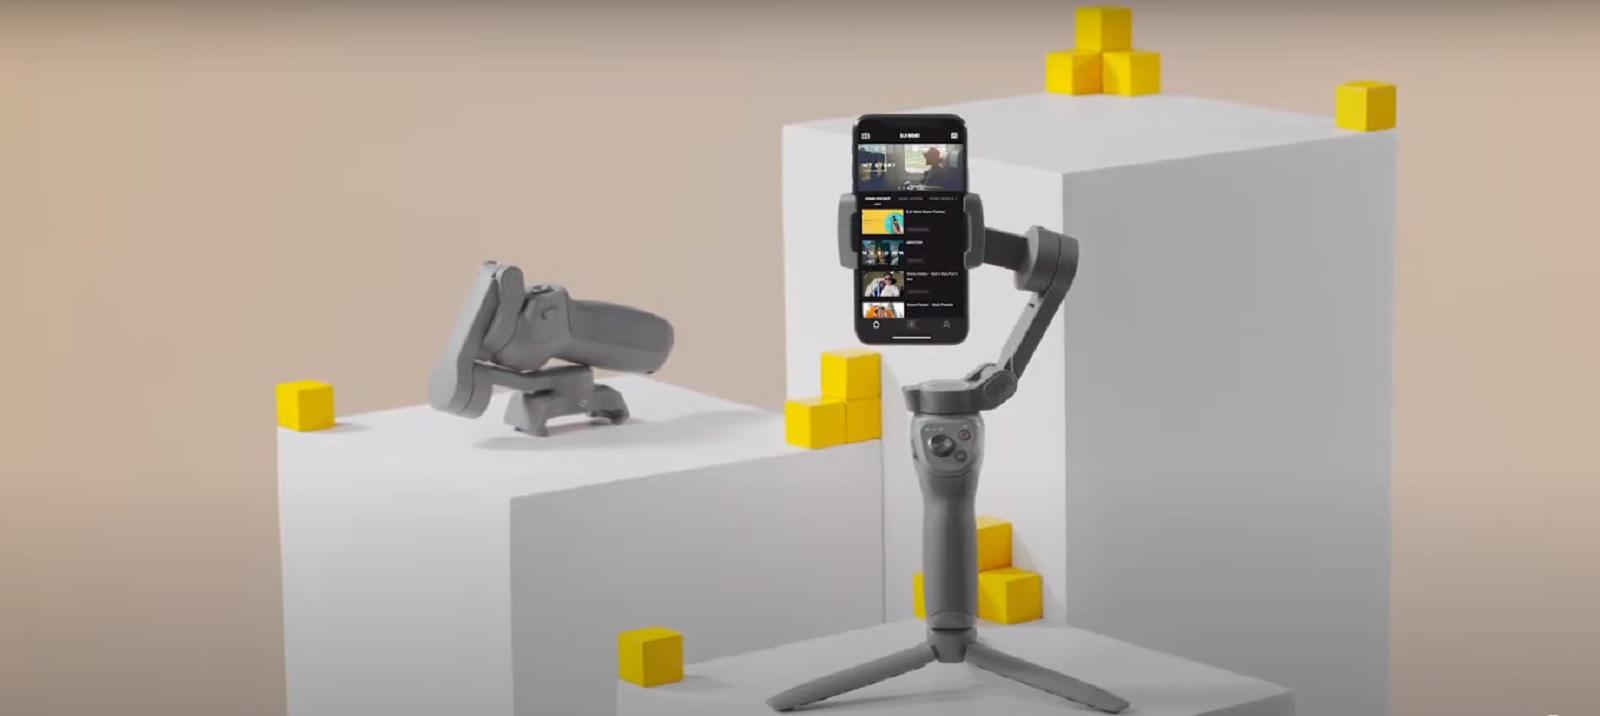 Выпущена новая прошивка Osmo Mobile 3 – v01.00.00.80